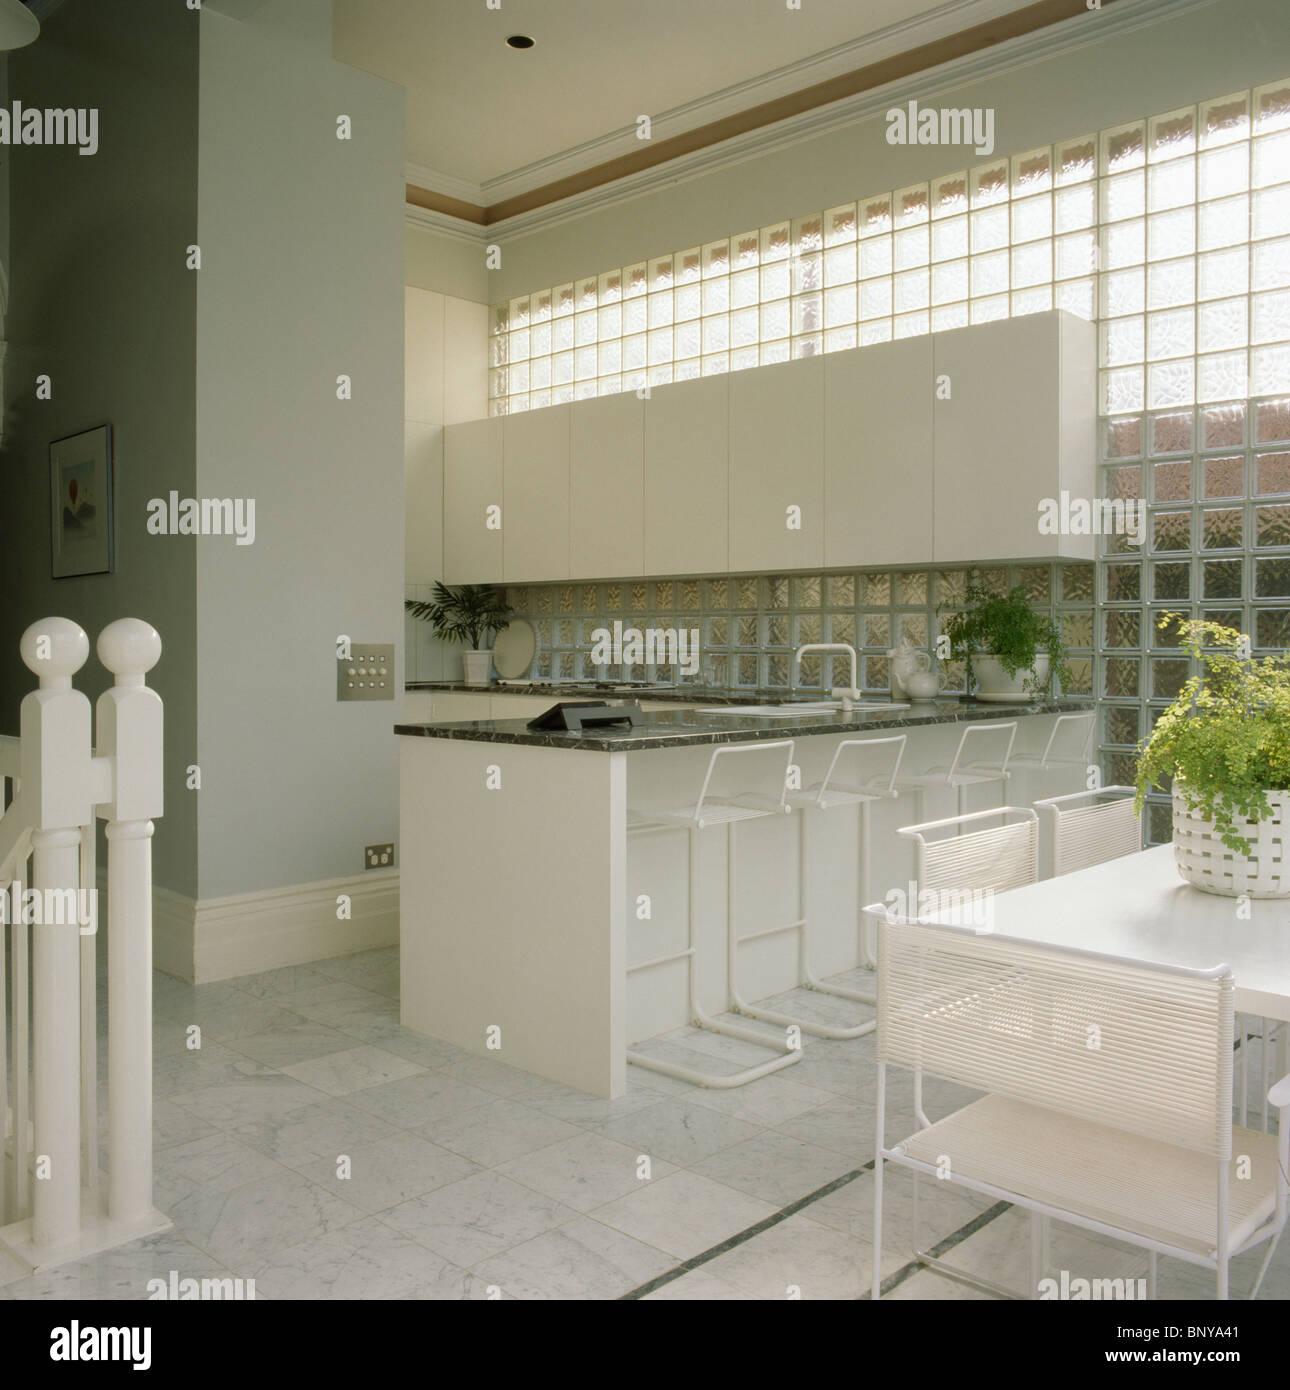 Moderne küchen mit insel an der wand  Glasbaustein-Wand in moderne Küche Esszimmer mit weißen Stühlen am ...